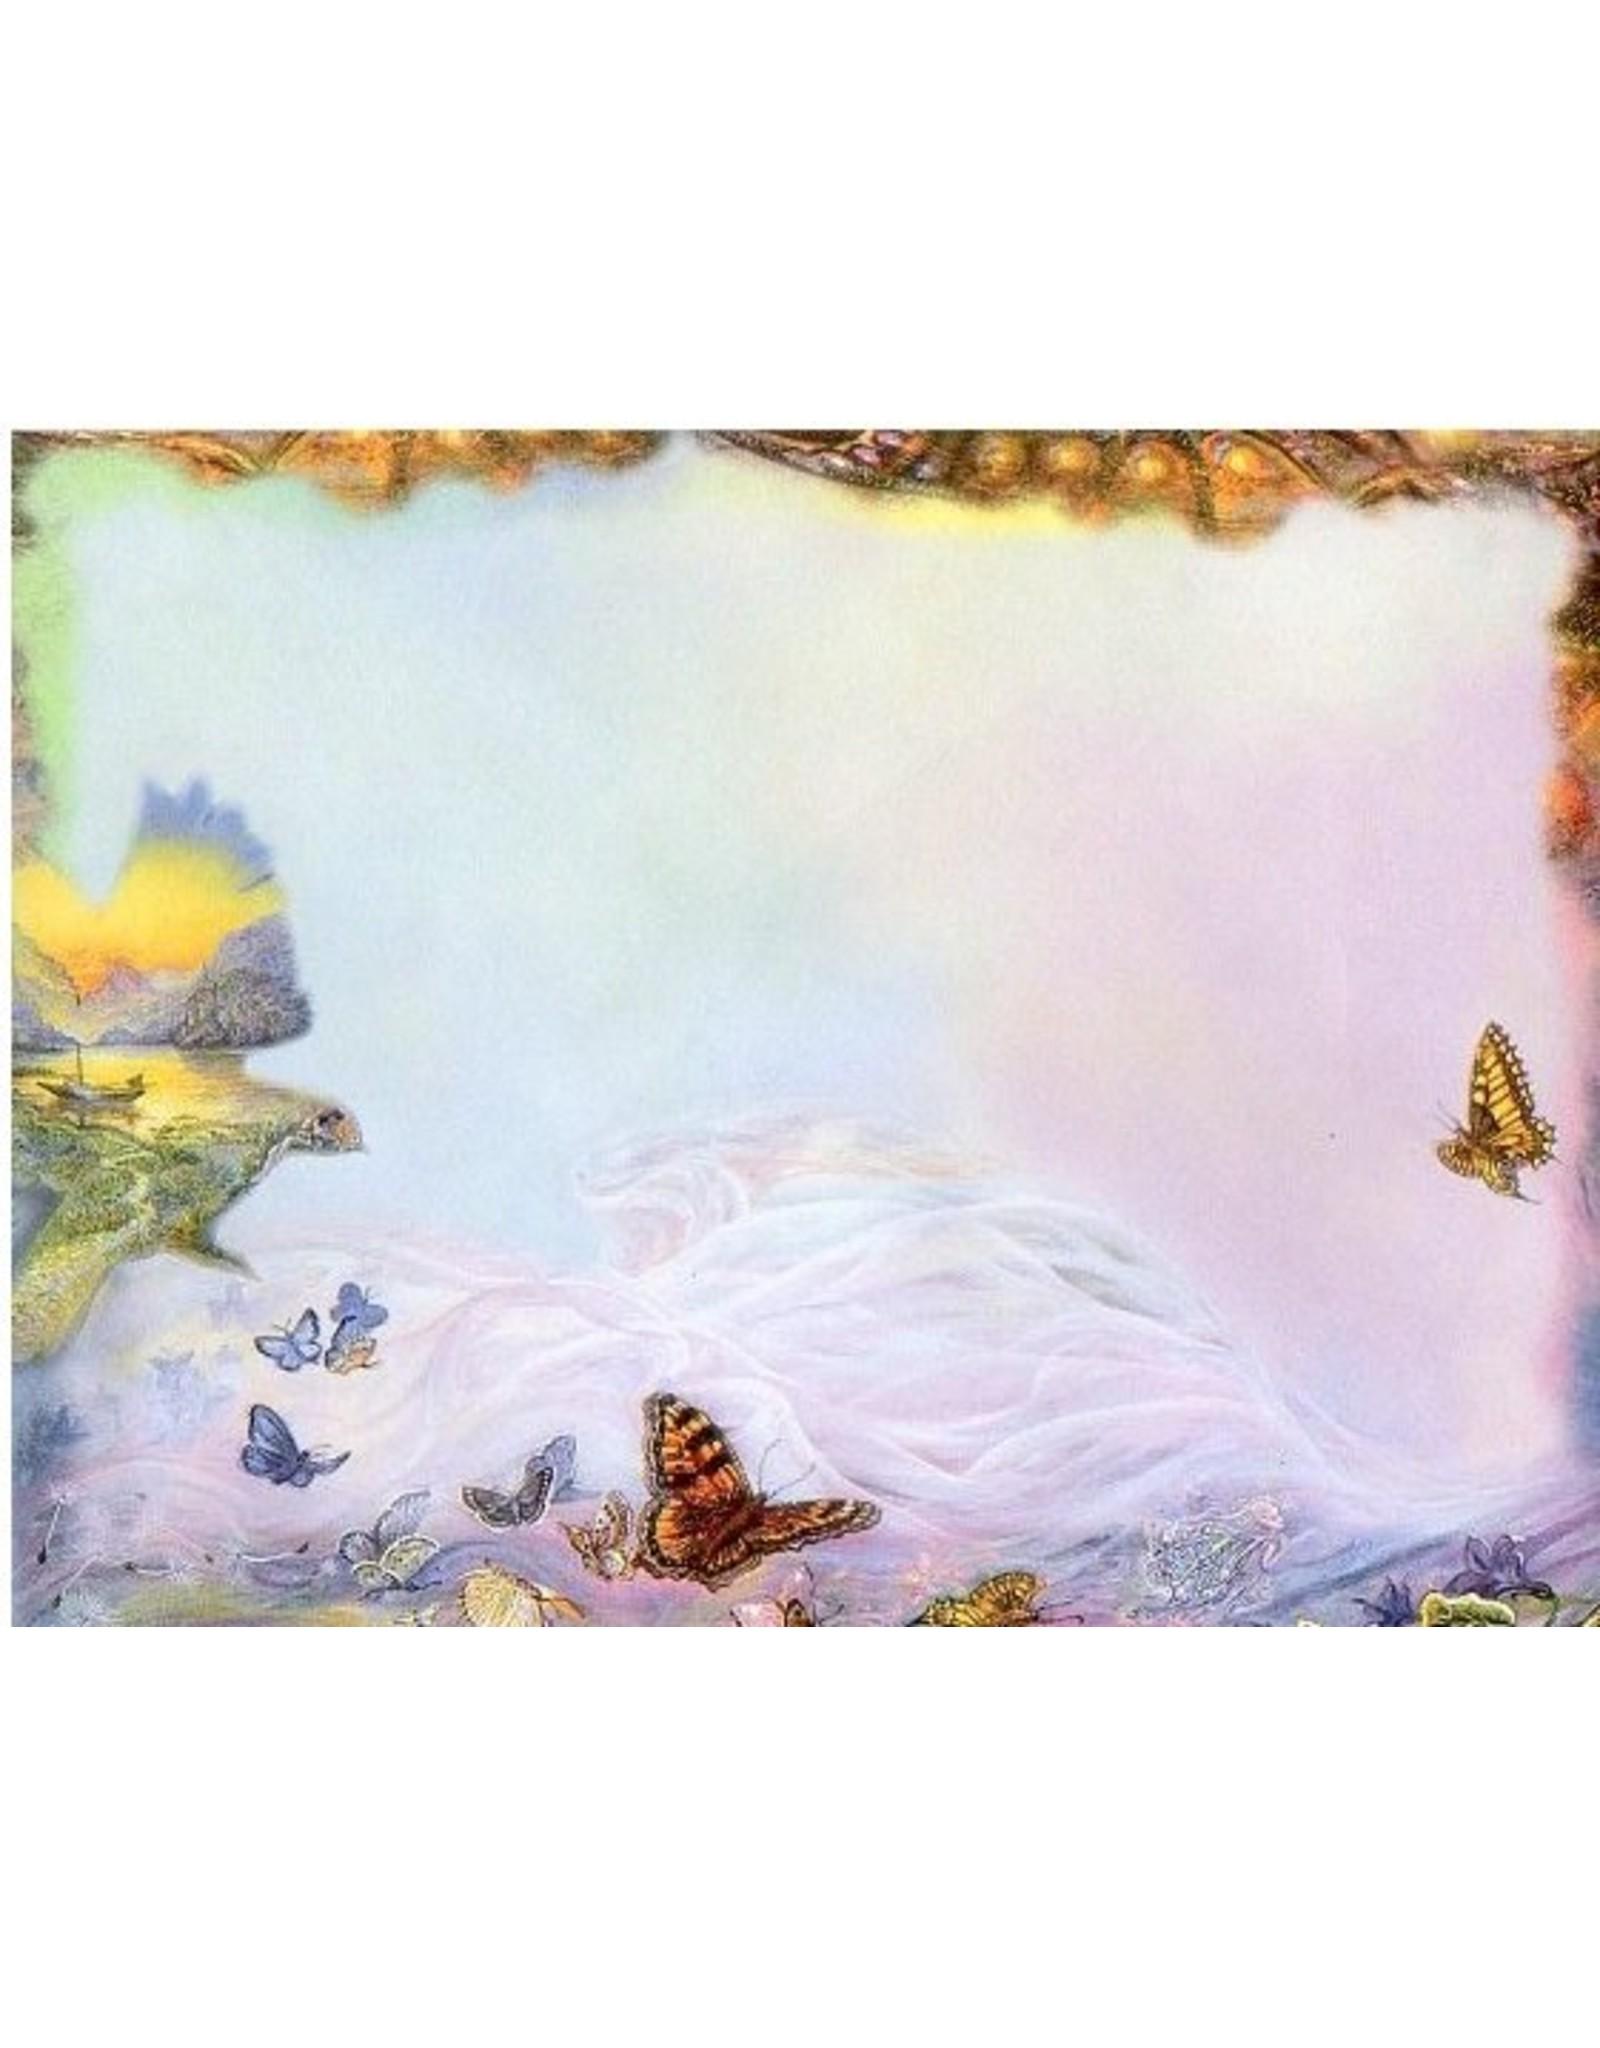 Josephine Wall Josephine Wall Dreams of Atlantis Birthday